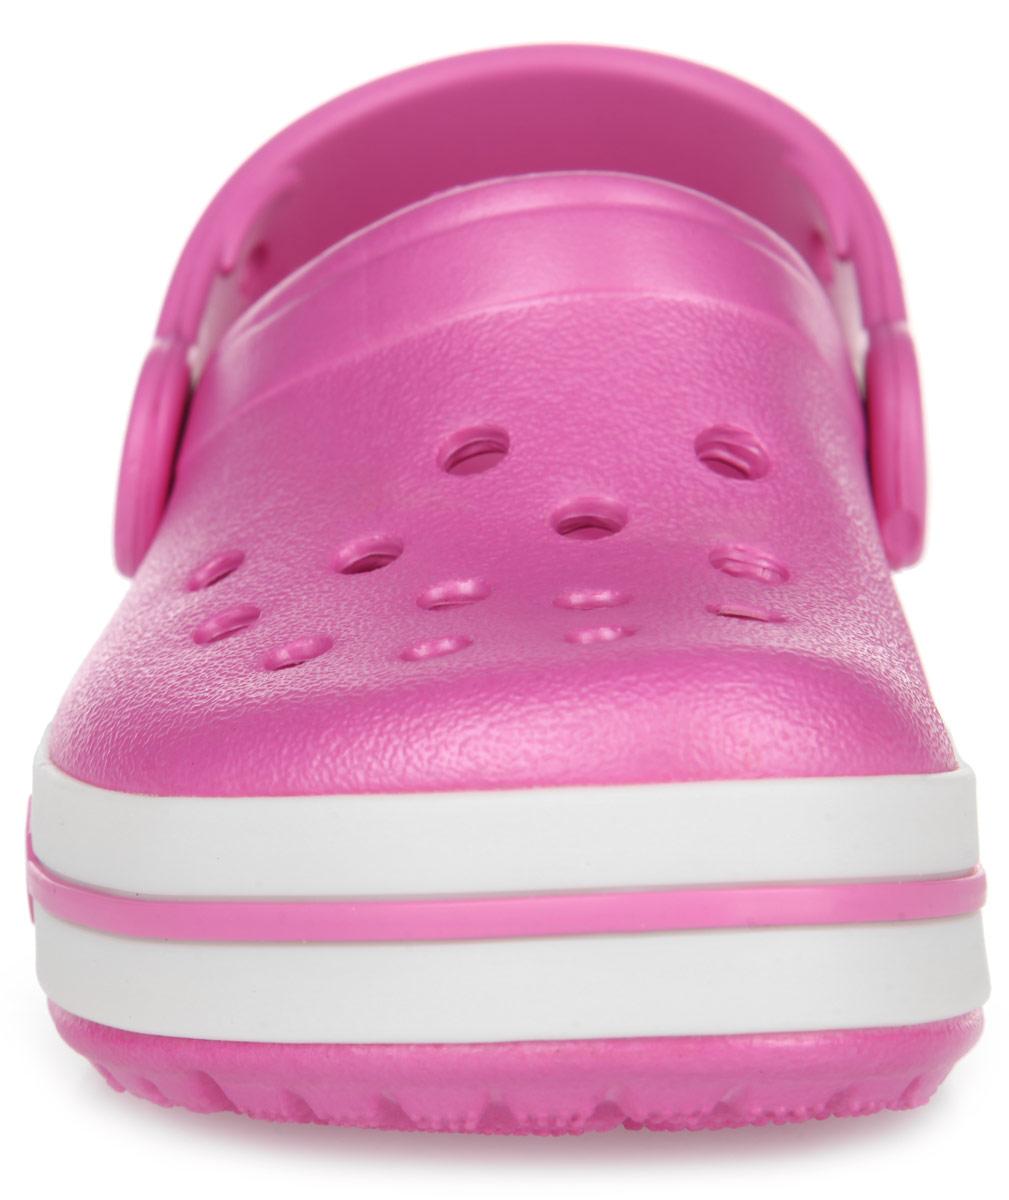 Сабо для девочки CrocsLights. 16138-6Z5